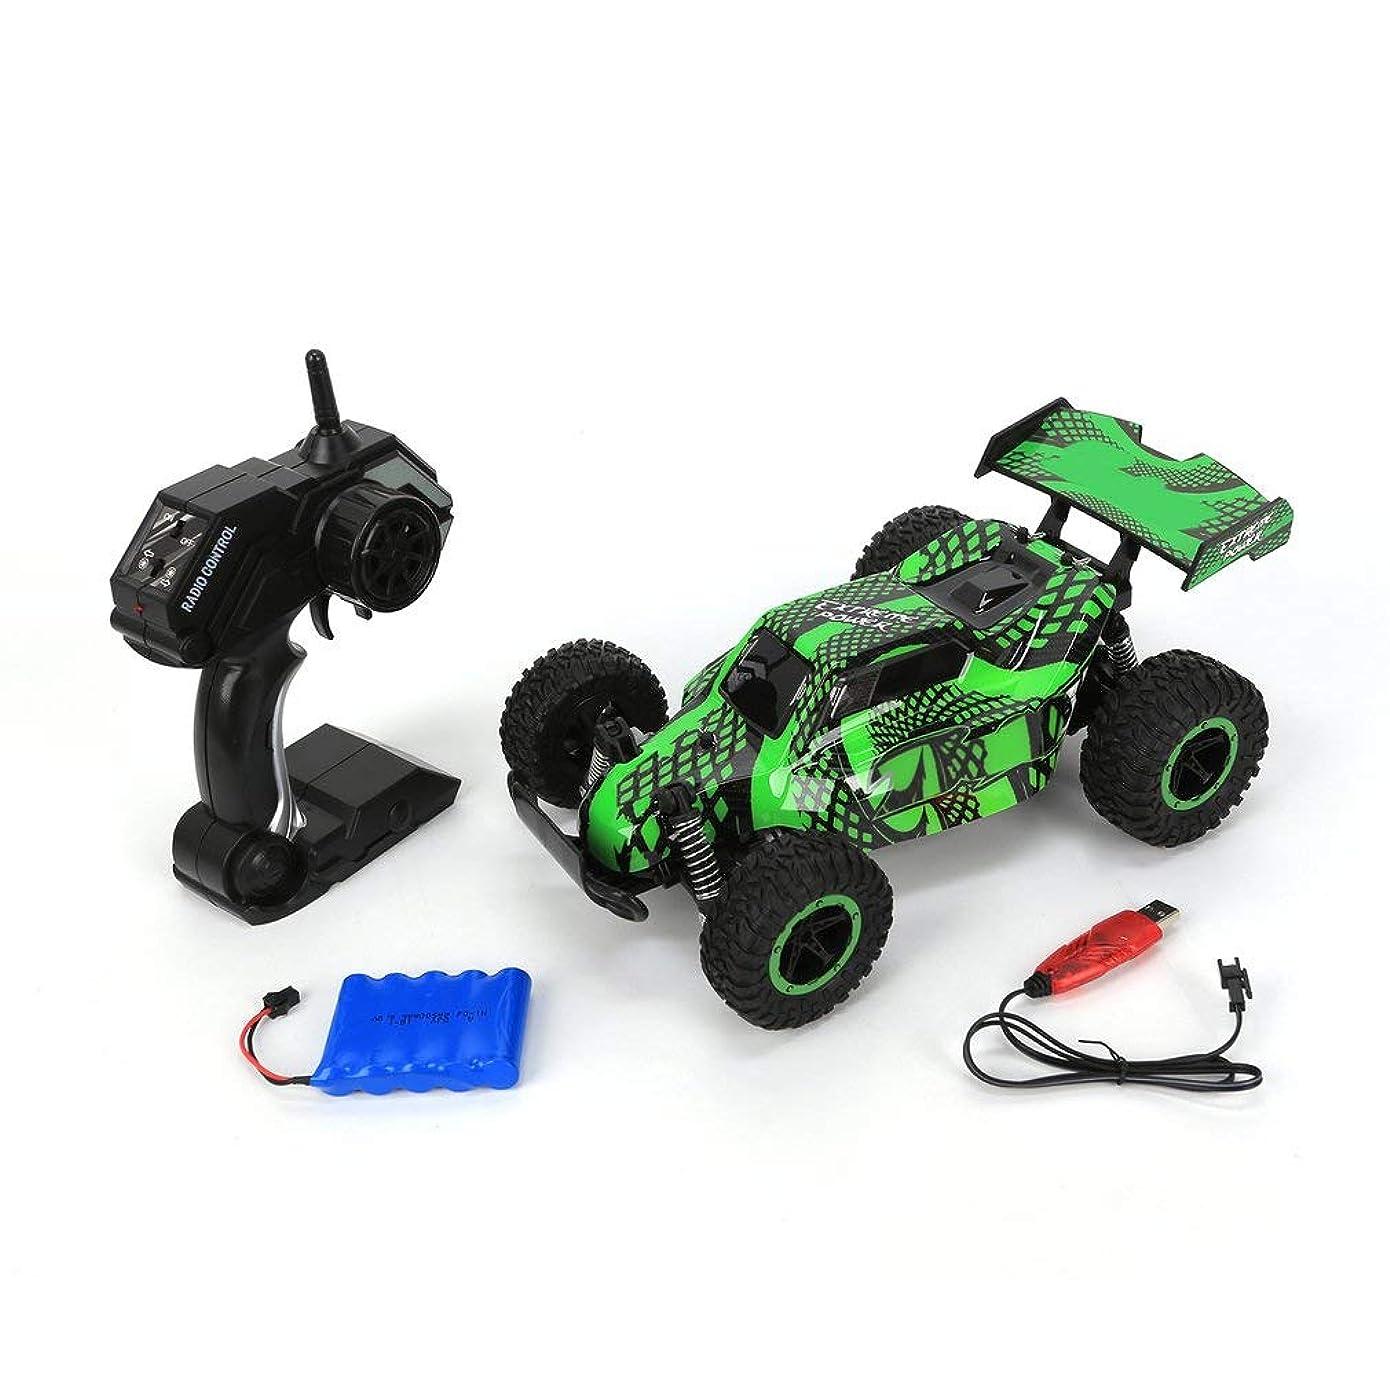 ステレオ手配する穀物DEER MANクロスカントリー車両、RCオフロード車両、1:16クロスカントリー車両、500mAh RCオフロード車両玩具、2.4GHzクライミングカー、25KM / Hクロスカントリー車両